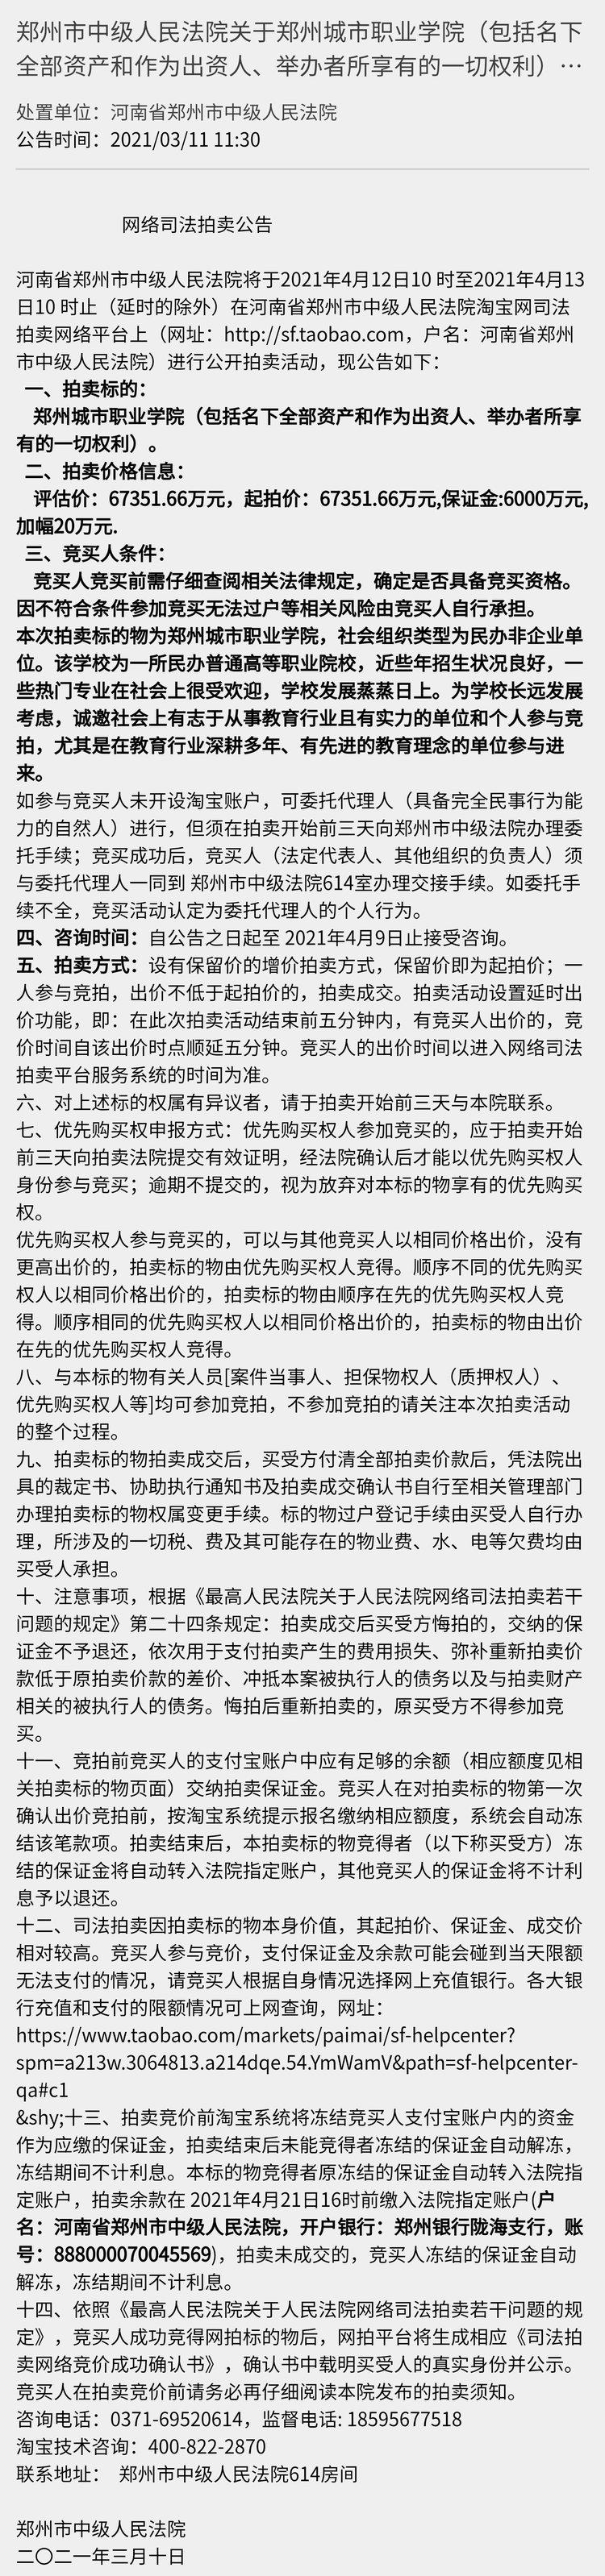 花6.7亿元就能当高校校长?郑州城市职业学院整体拍卖 在校生很诧异